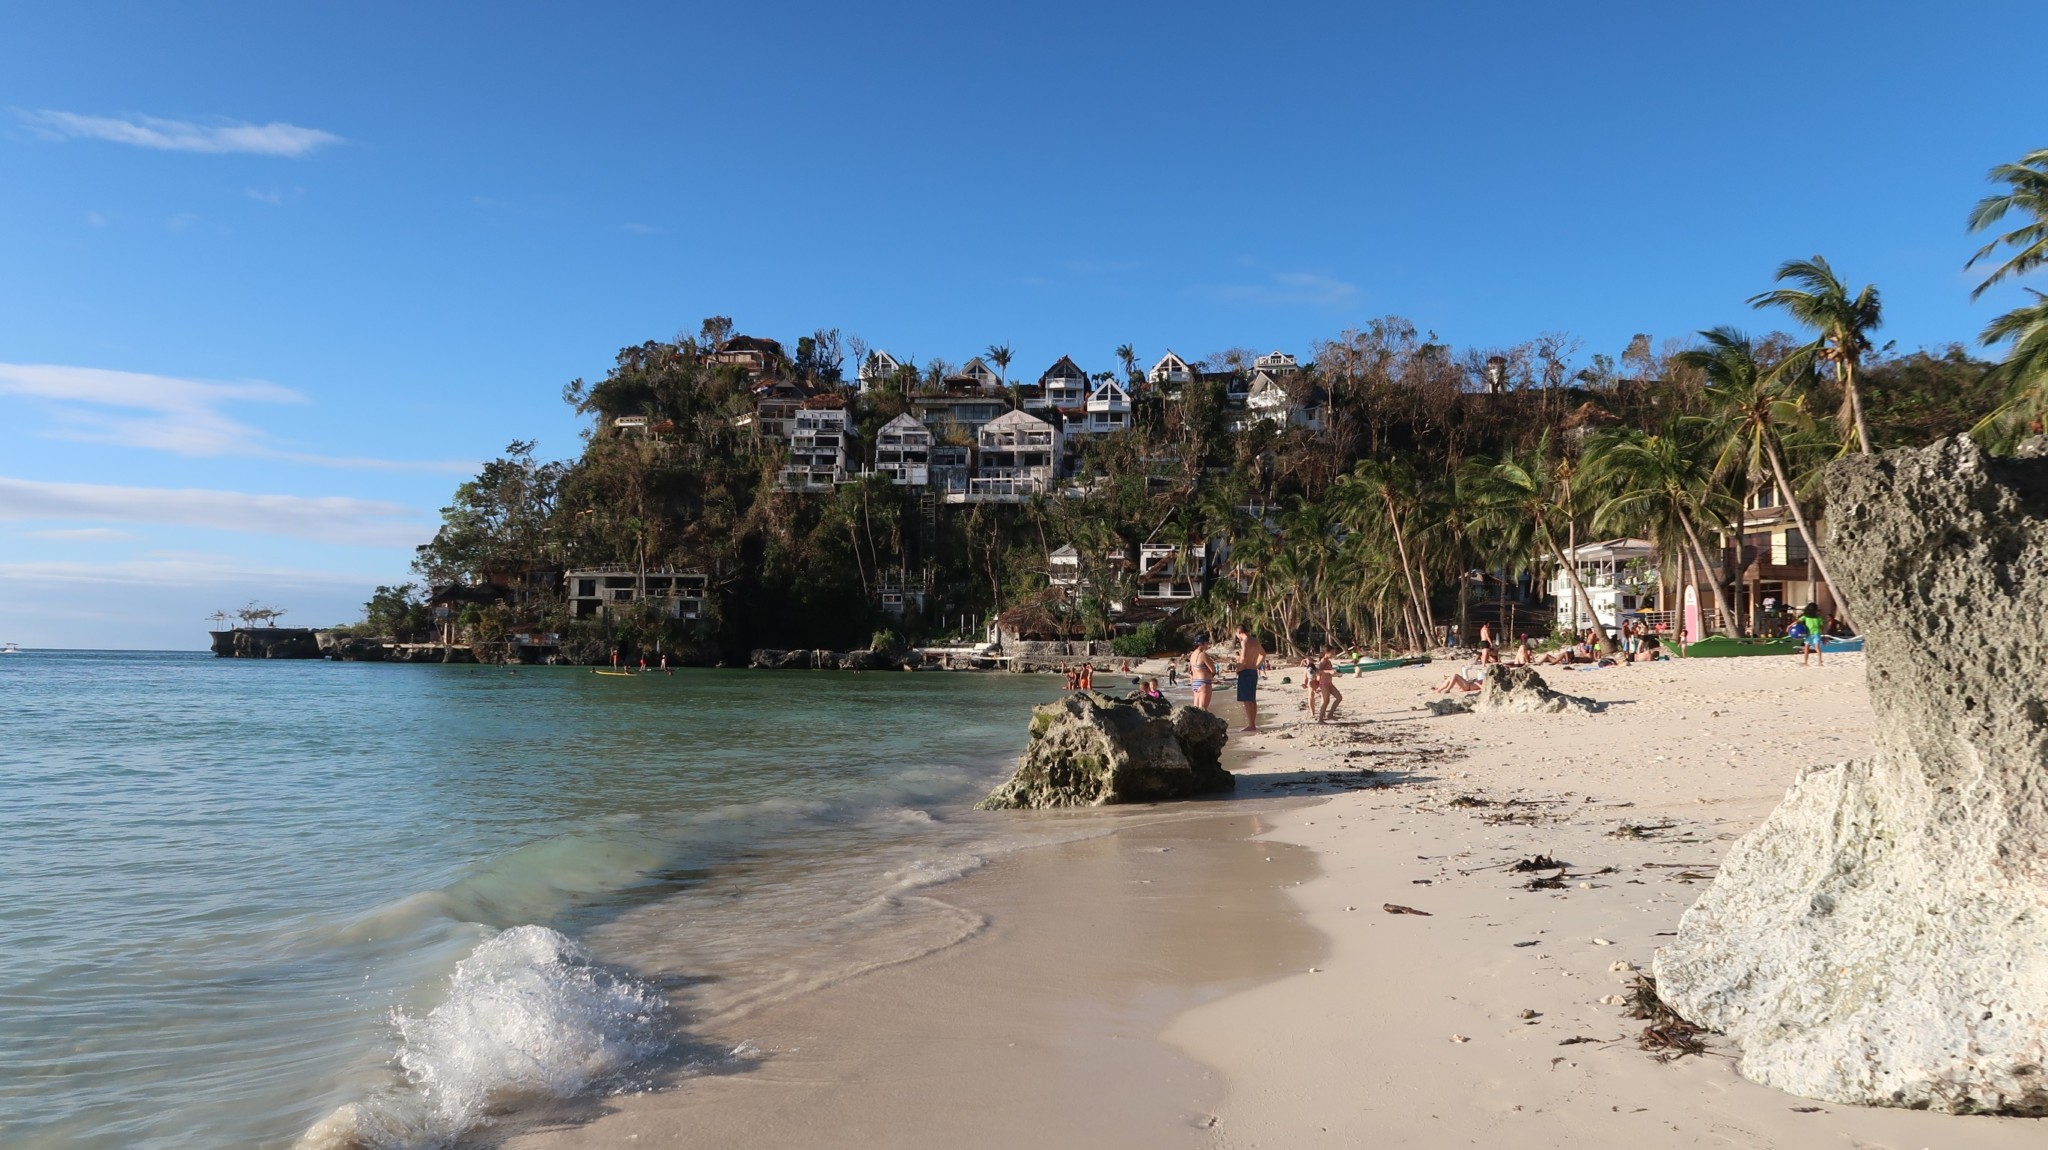 Diniwid-Beach Boracay